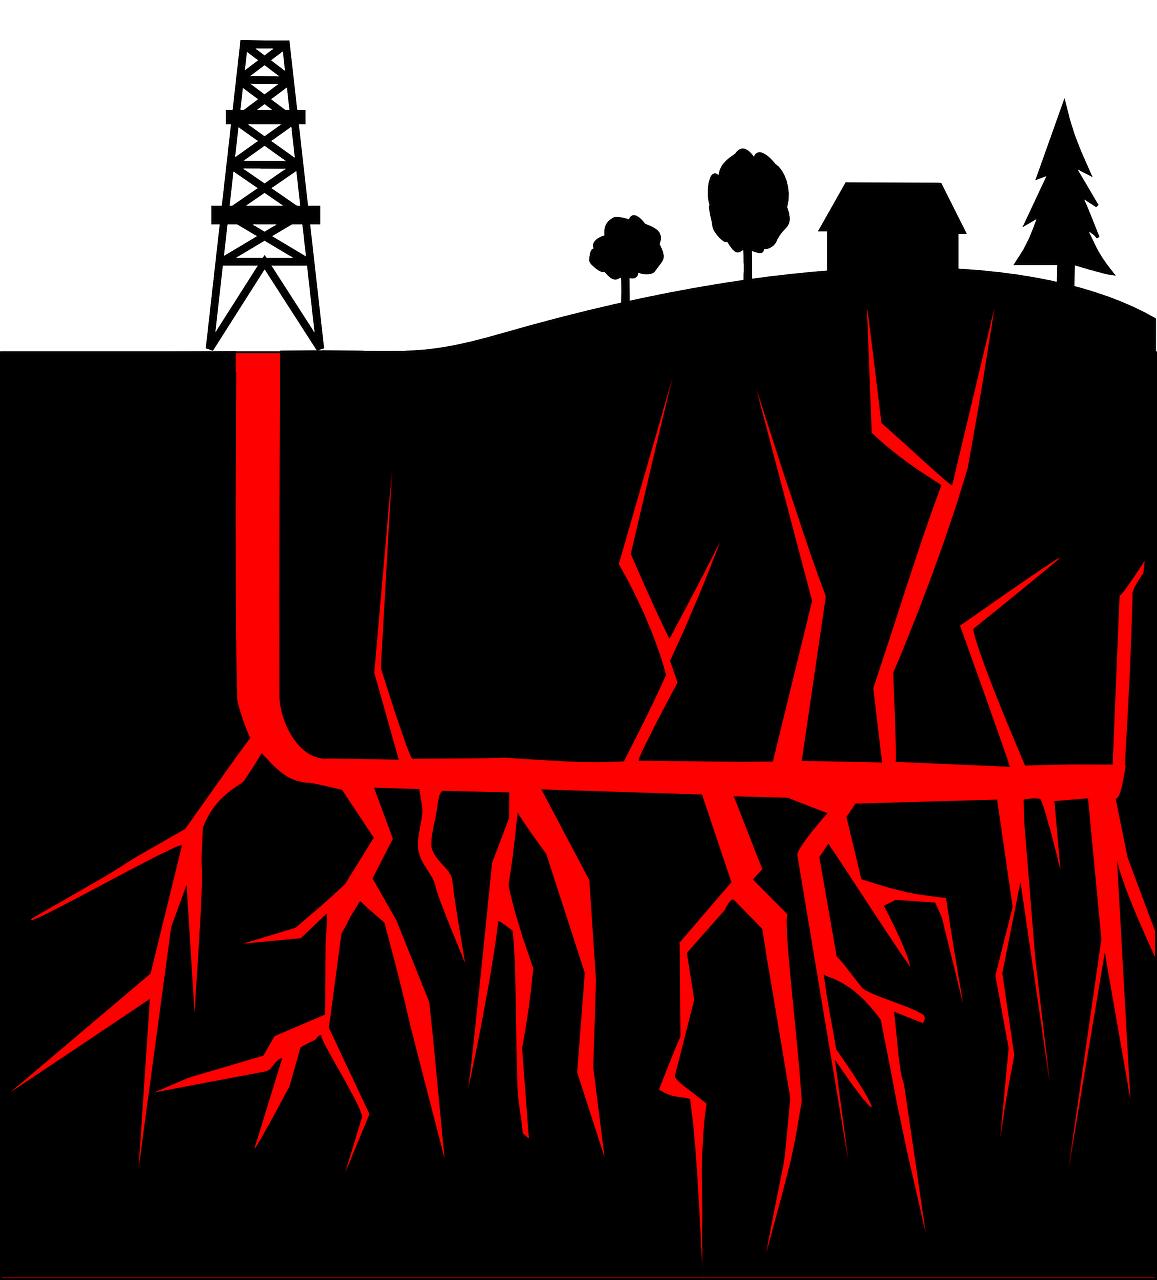 fracked environment